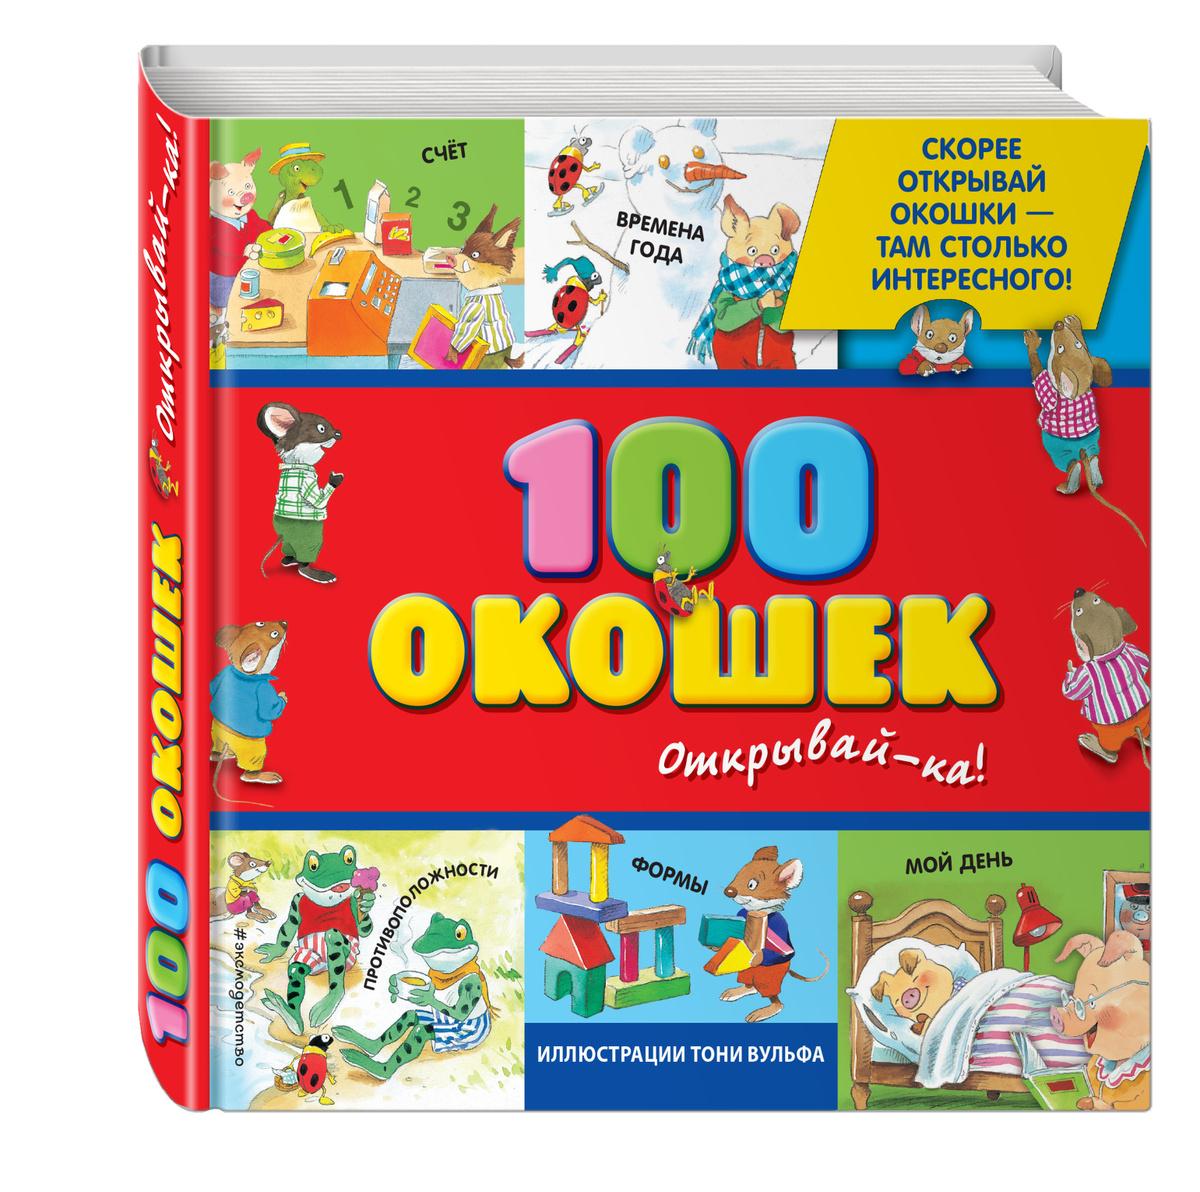 3+ 100 окошек - открывай-ка! (илл. Тони Вульфа) | Нет автора #1